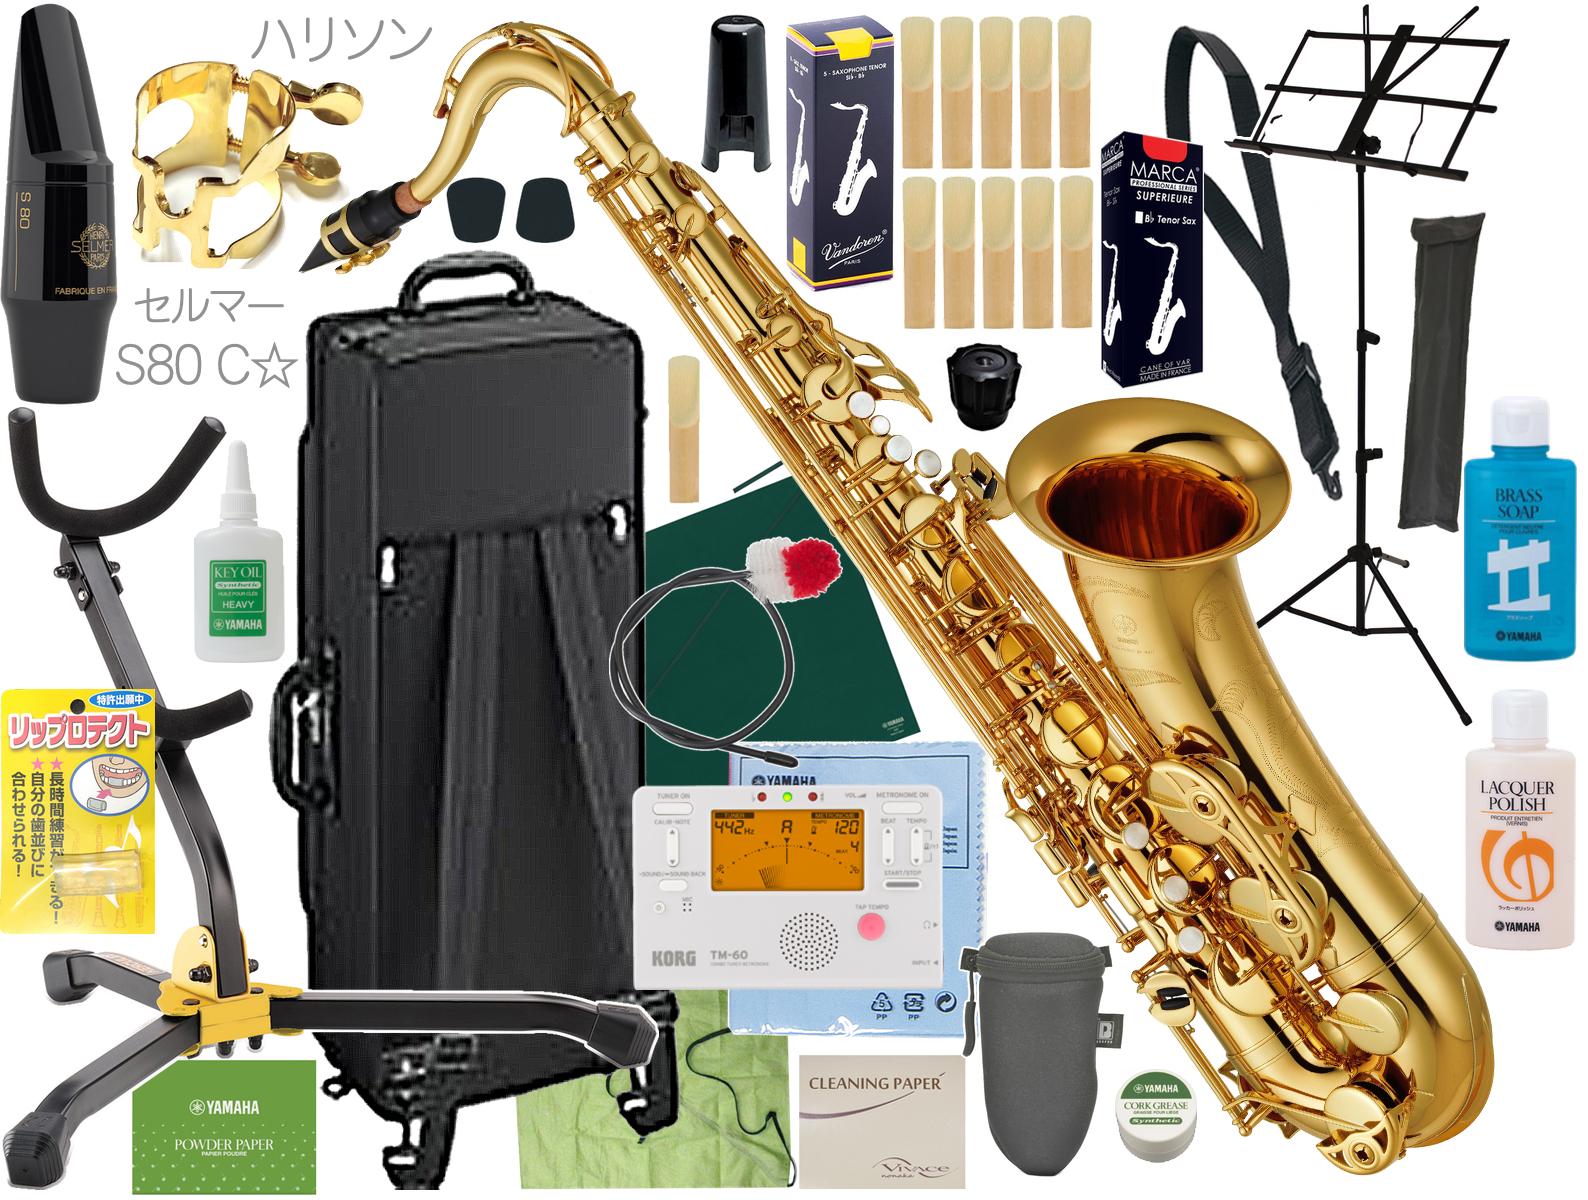 YAMAHA ( ヤマハ ) YTS-480 テナーサックス 正規品 管楽器 管体 tenor saxophone 管体 ゴールド 本体 YTS-480-01 セルマー S80 マウスピース セット 北海道 沖縄 離島不可